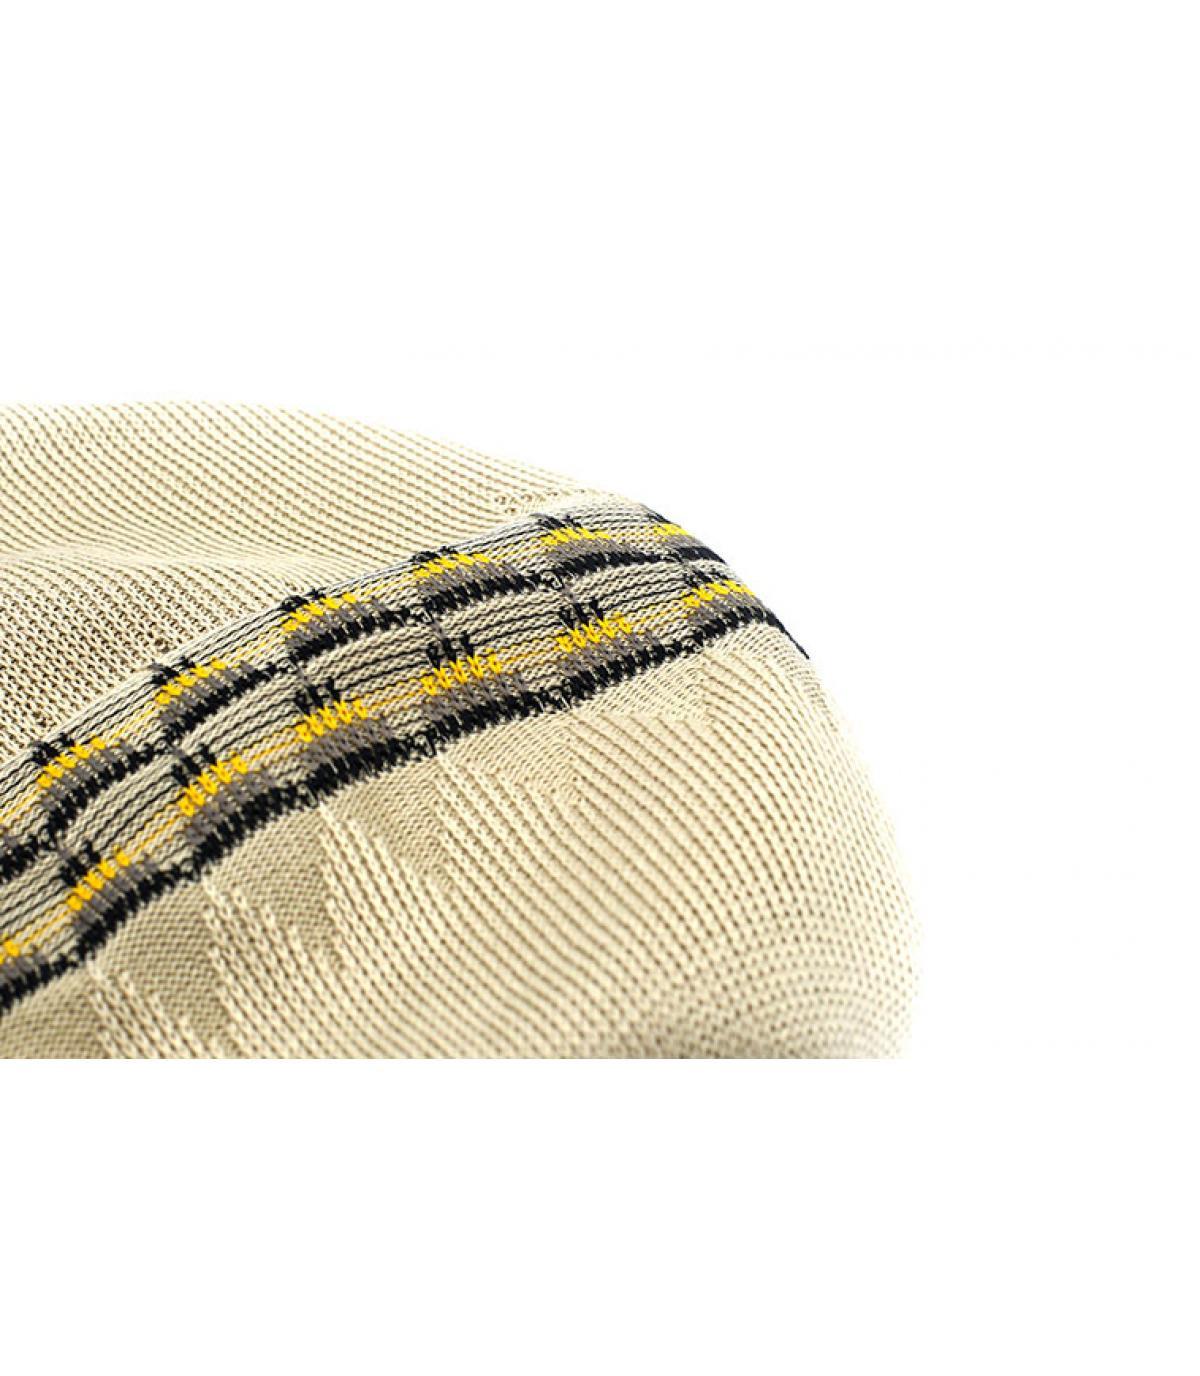 Détails Argyle 504 beige - image 3